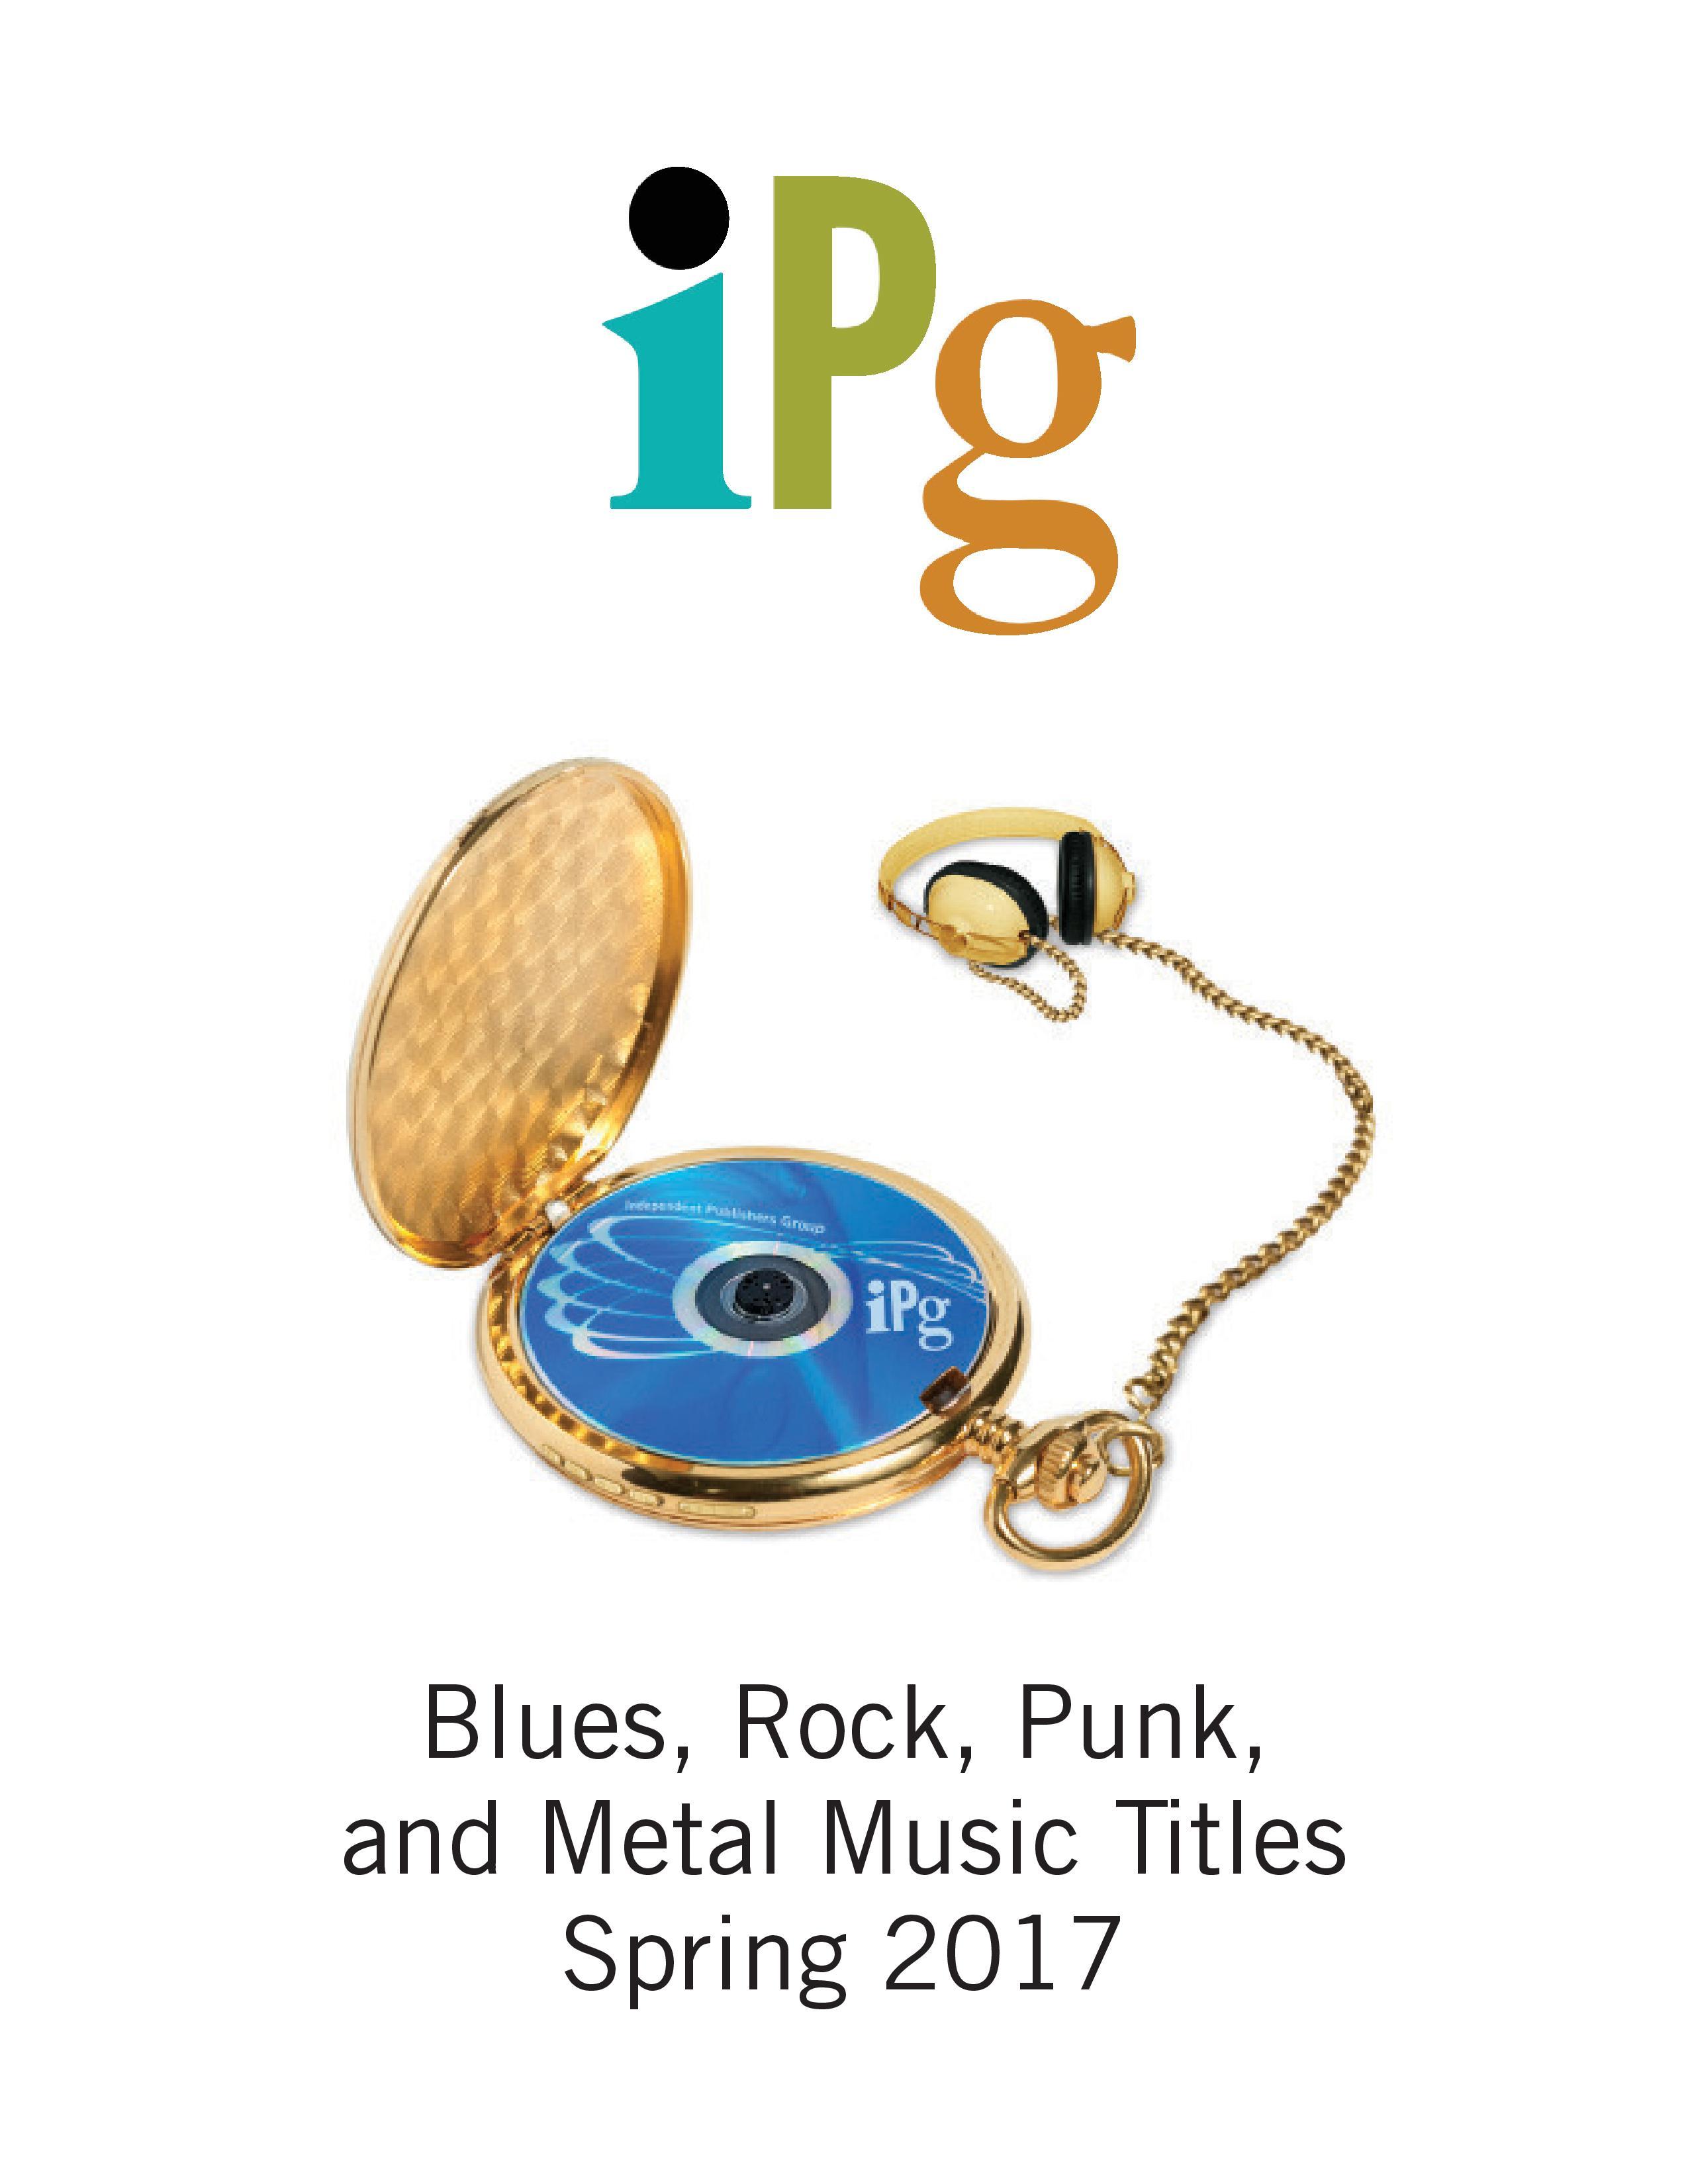 Blues, Rock, Punk, & Metal Music Titles